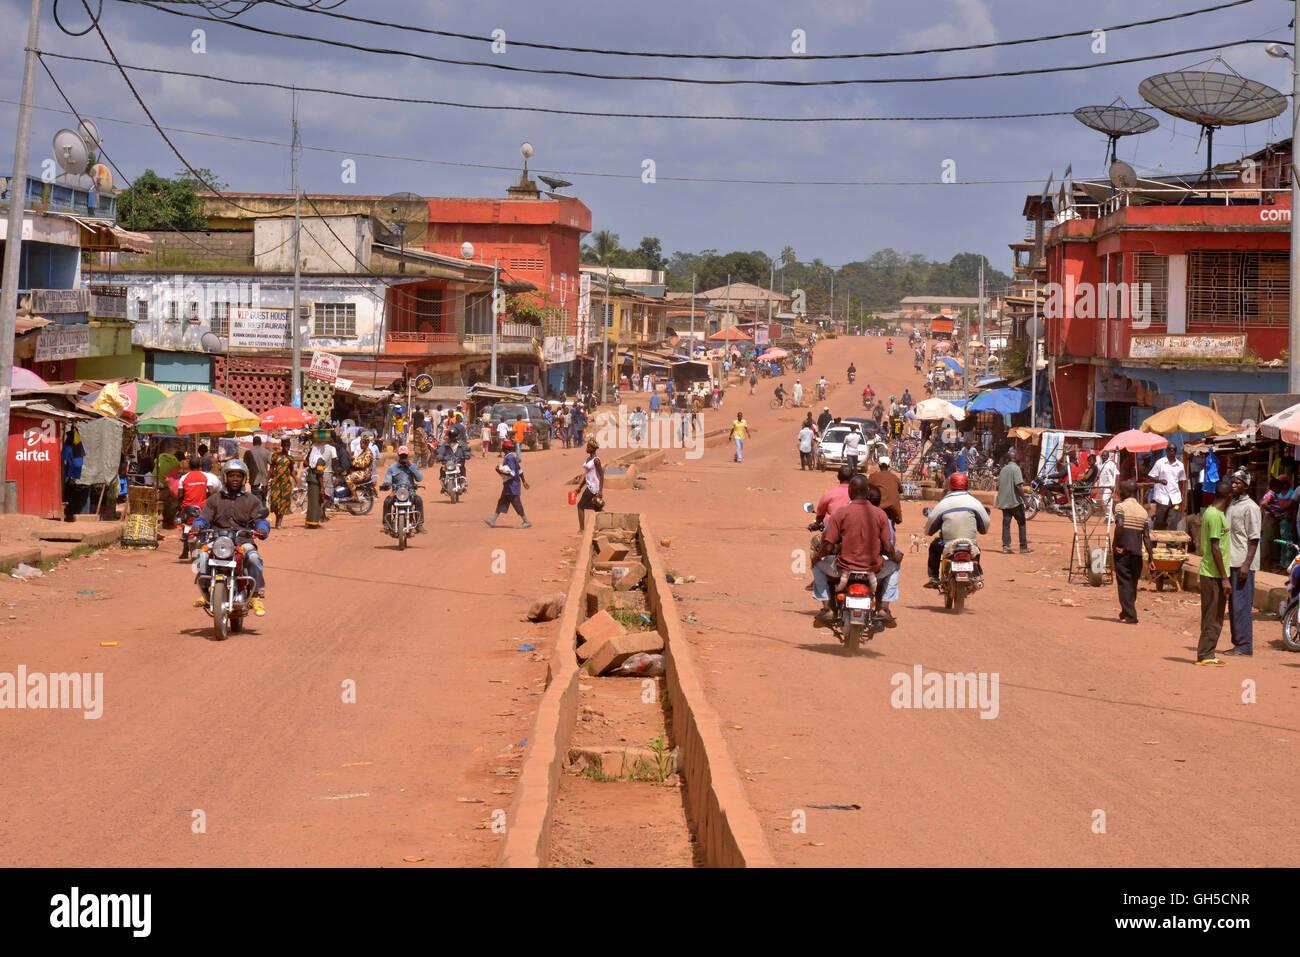 Geographie Reisen Sierra Leone Street Scene Koidu Kono Distrikt Der Ostlichen Provinz Additional Rights Clearance Info Not Available Stockfotografie Alamy